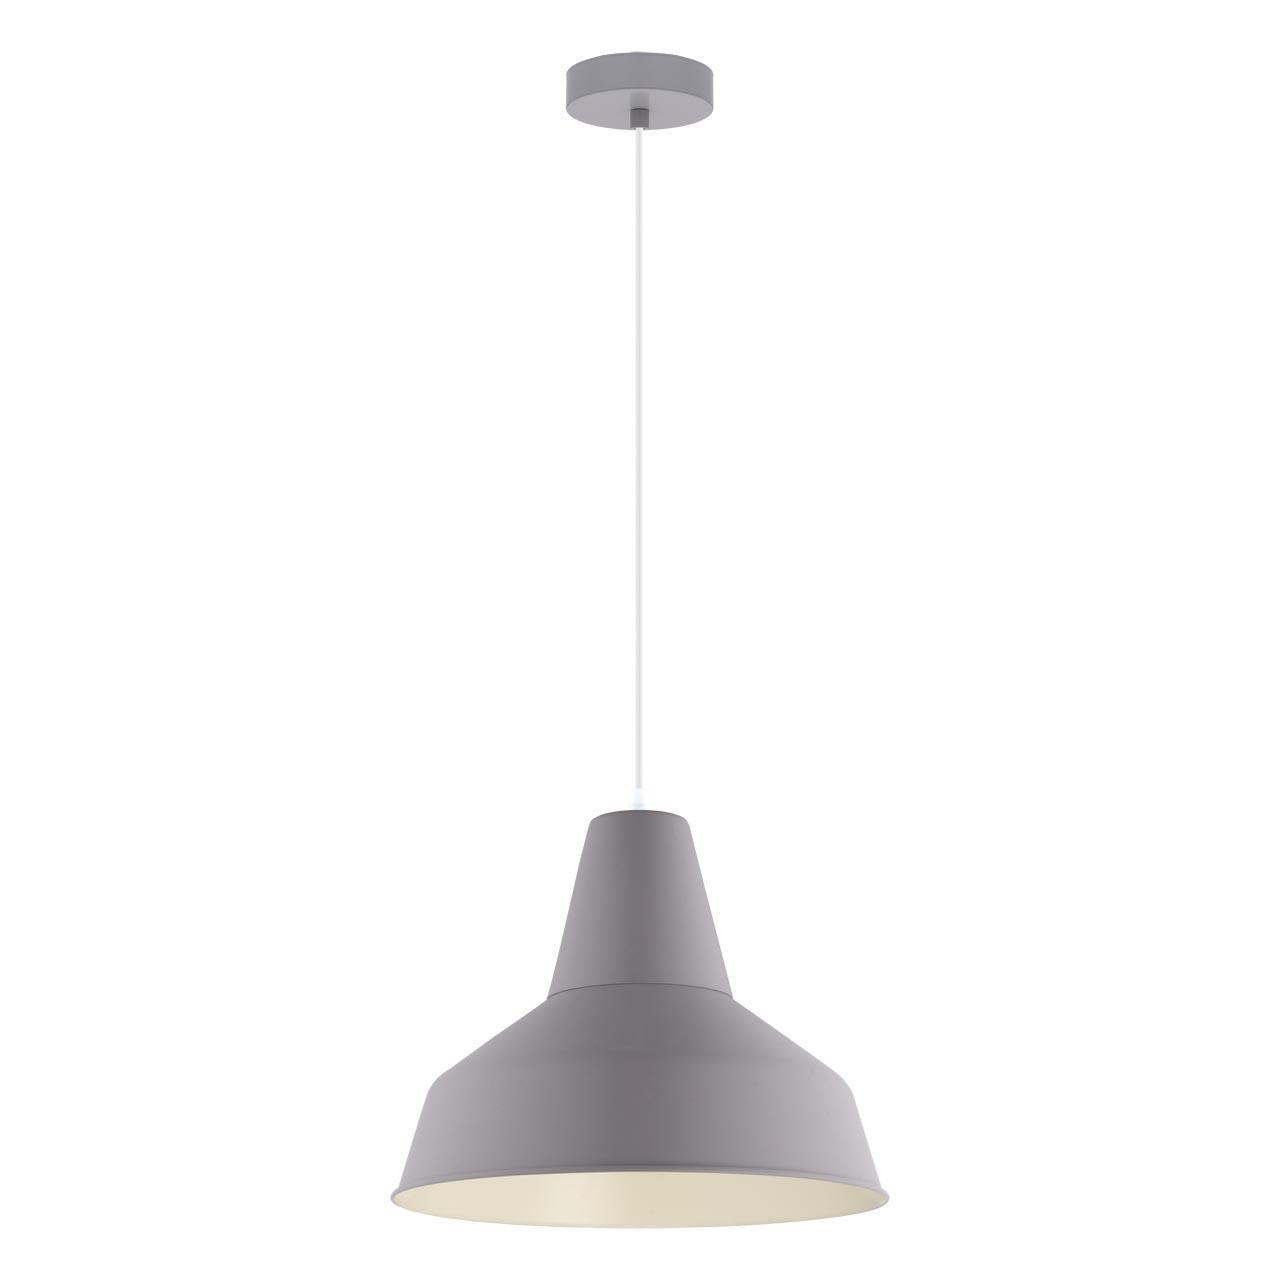 Подвесной светильник Eglo Somerton-P 49064 подвесной светильник eglo somerton 49388